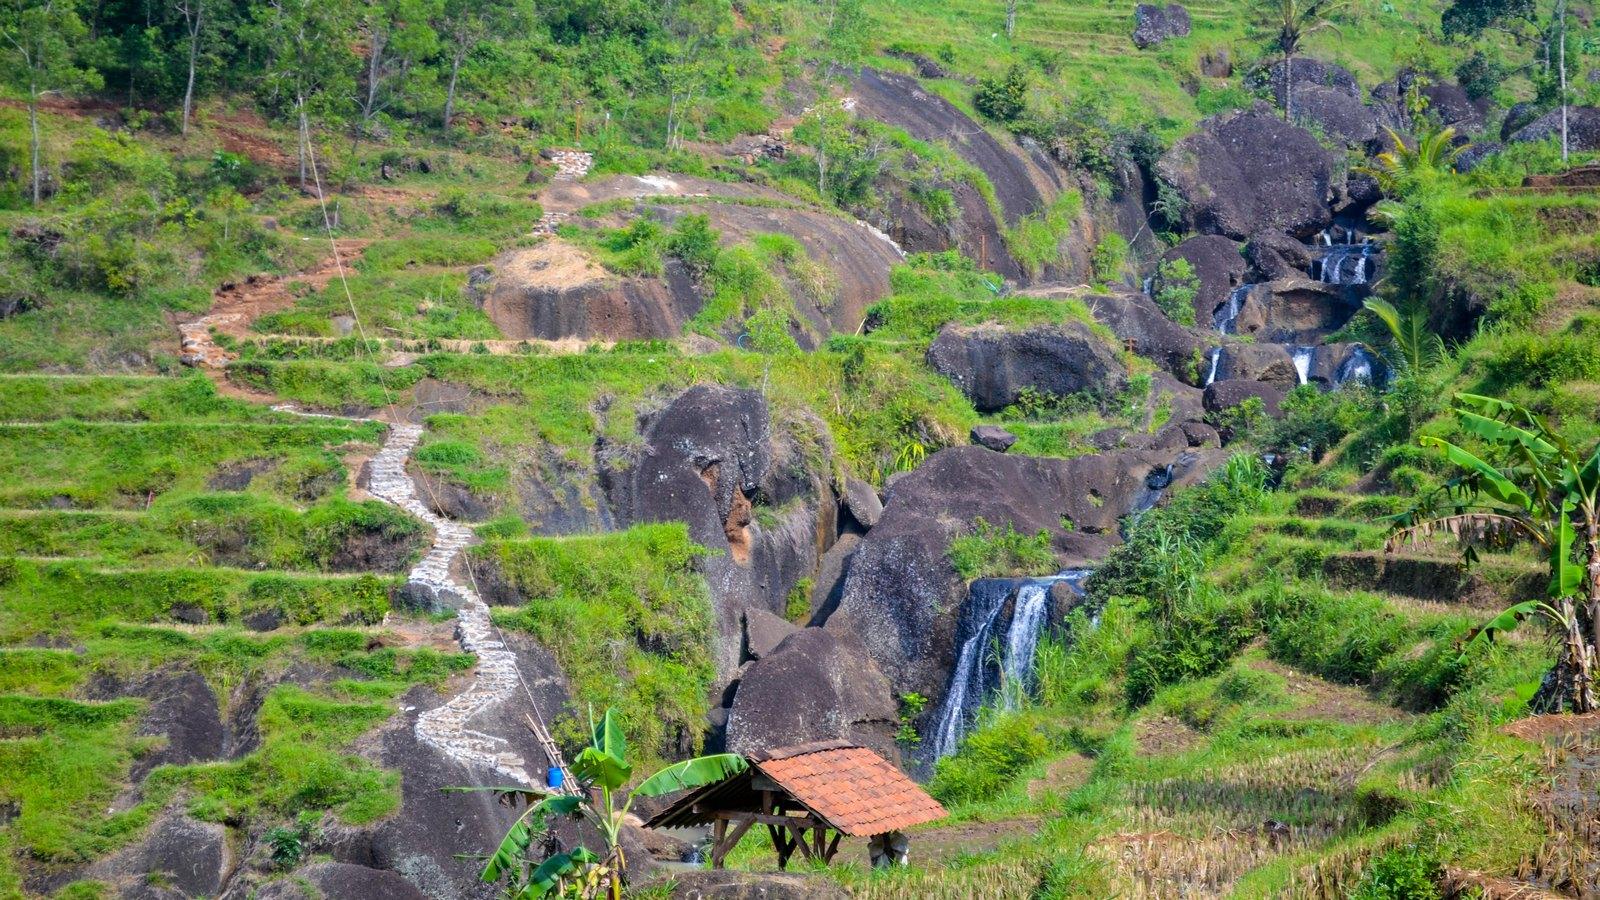 Desa Wisata Nglanggeran | Foto : Travelink Indonesia